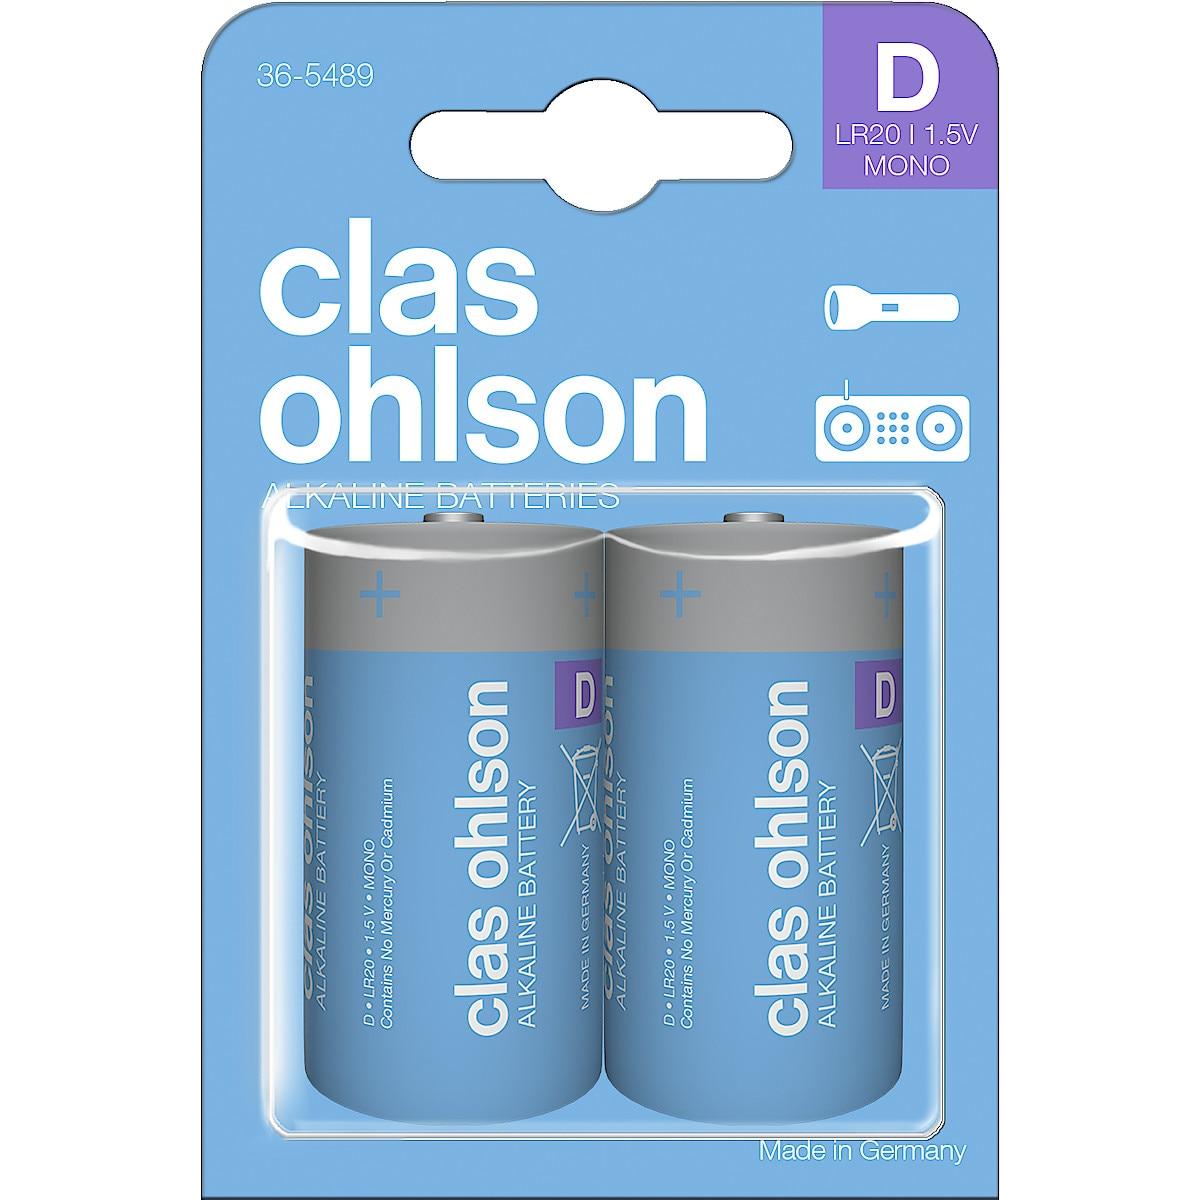 Alkaliskt batteri D/LR20 Clas Ohlson